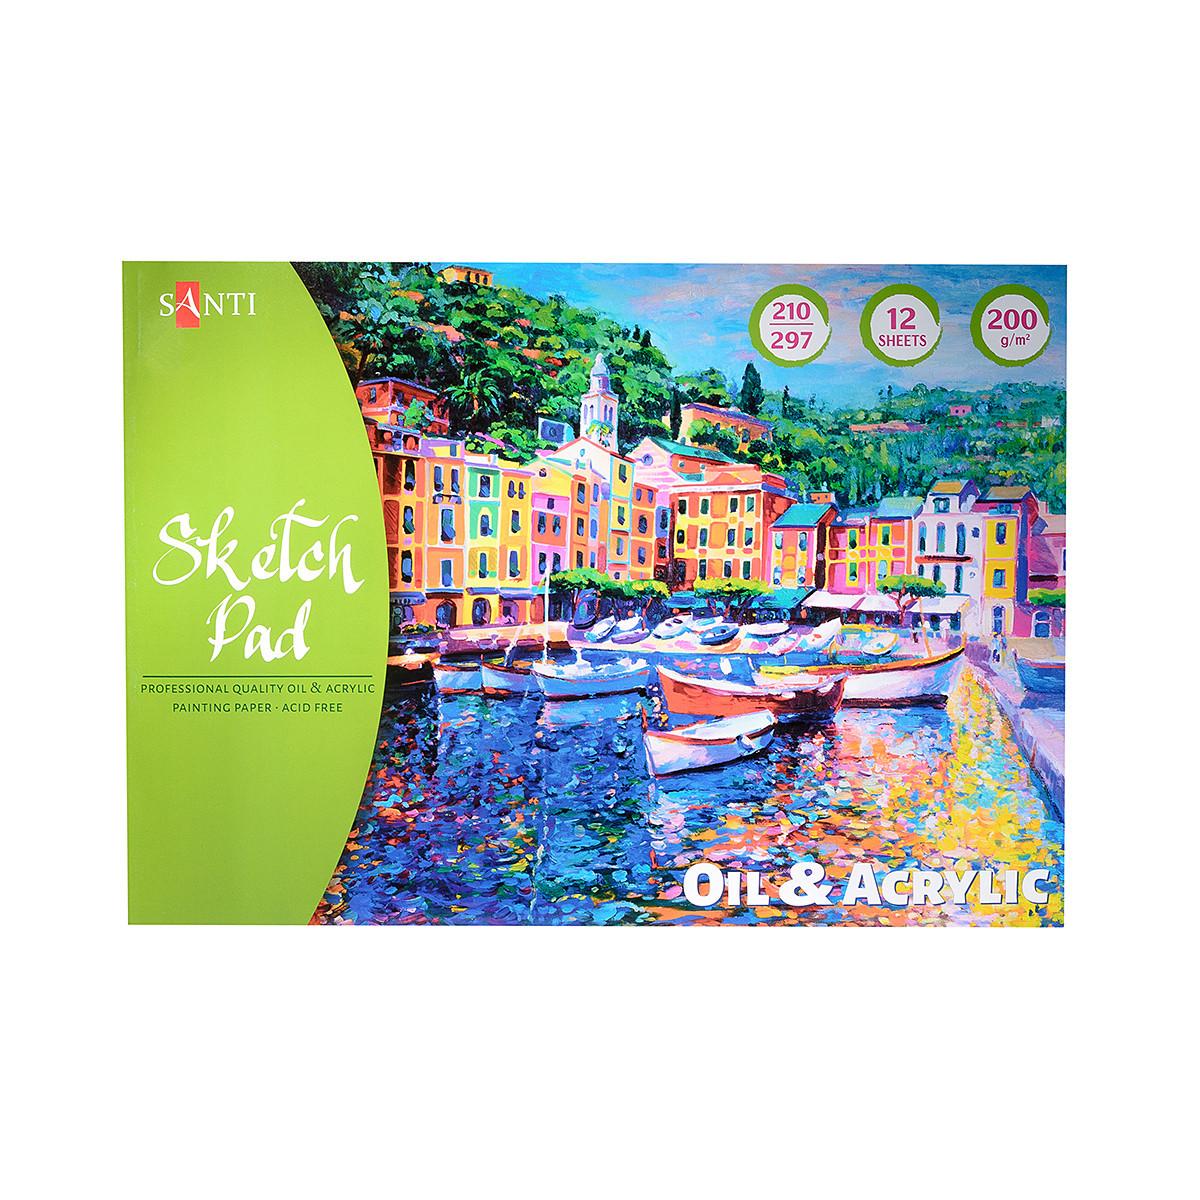 Альбом для эскизов Santi масляными и акриловыми красками, 200 г/м2, А4 , 12 л.